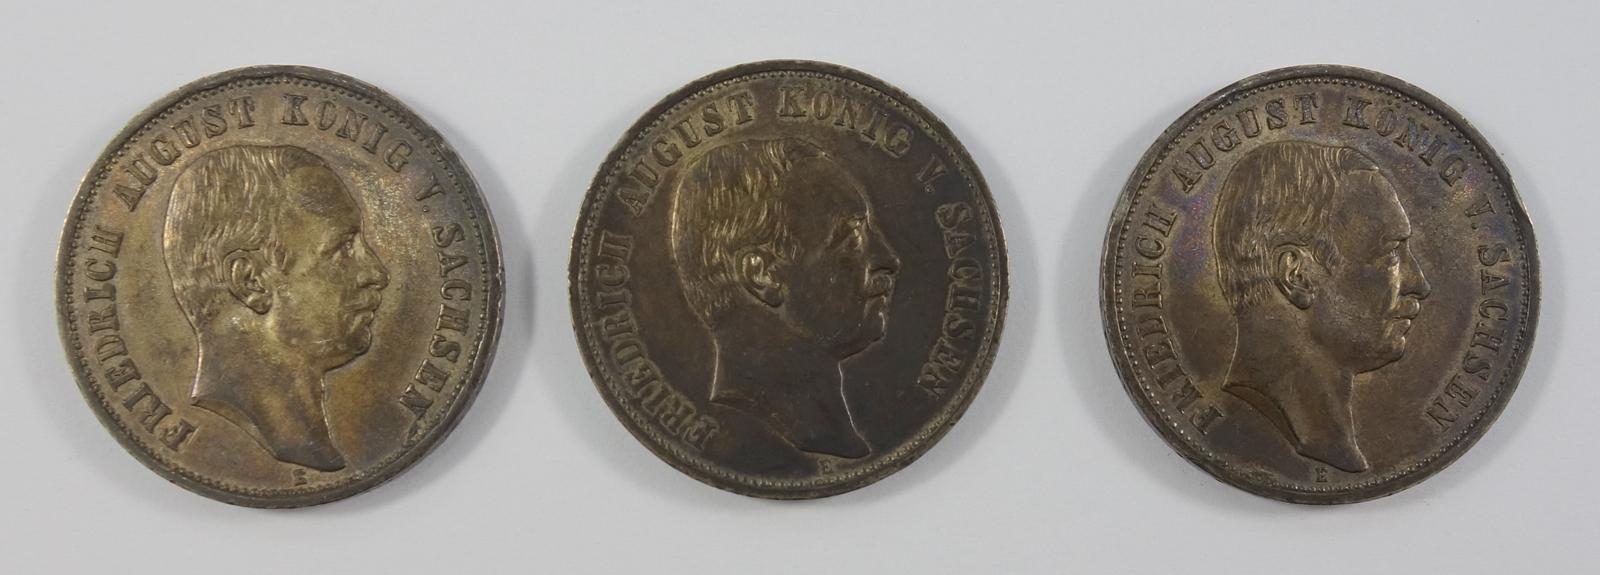 3* 3 Mark, August, König von Sachsen, 1910-1912, E, Ag, Gesamt-Gew.ca.49,5g, ss-s3 *